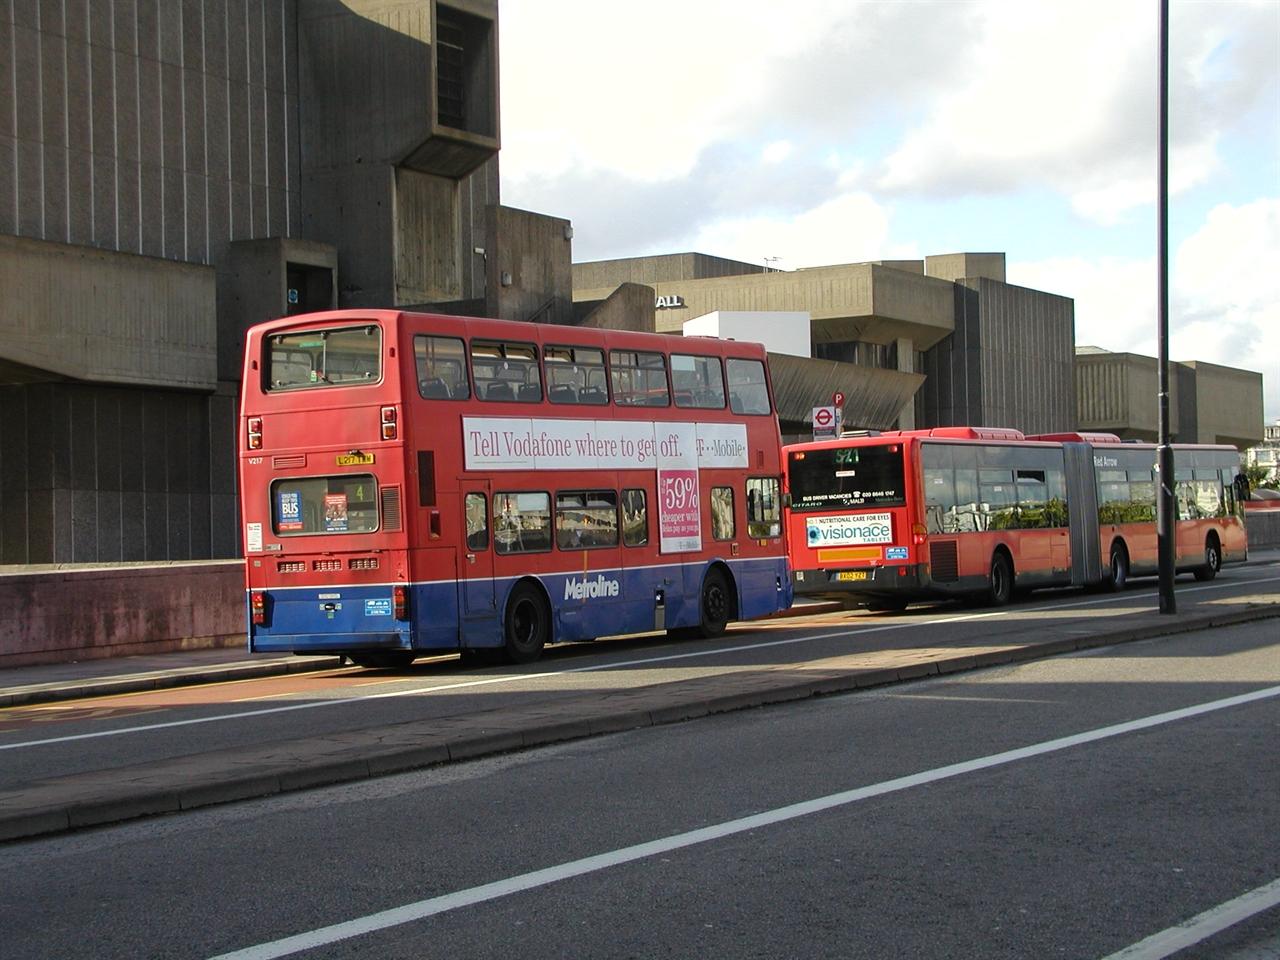 영국의 이층버스와 굴절버스 흔히 영국은 이층버스만 있는 것으로 생각하지만, 영국에서도 최근 굴절버스를 도입하는 사례가 많아지고 있다. 바쁜 현대인들의 생활패턴에선 출입문이 2개인 이층버스 보다는 출입문이 3개 혹은 4개인 굴절버스가 훨씬 승하차 시간 개선에 도움이 되며, 운행 정시성 확보에도 도움이 된다. 하지만 영국의 명물 이층버스라는 상징이 없어지는 것에 대한 반발로 인해 이층버스도 여전히 사랑받고 있다.